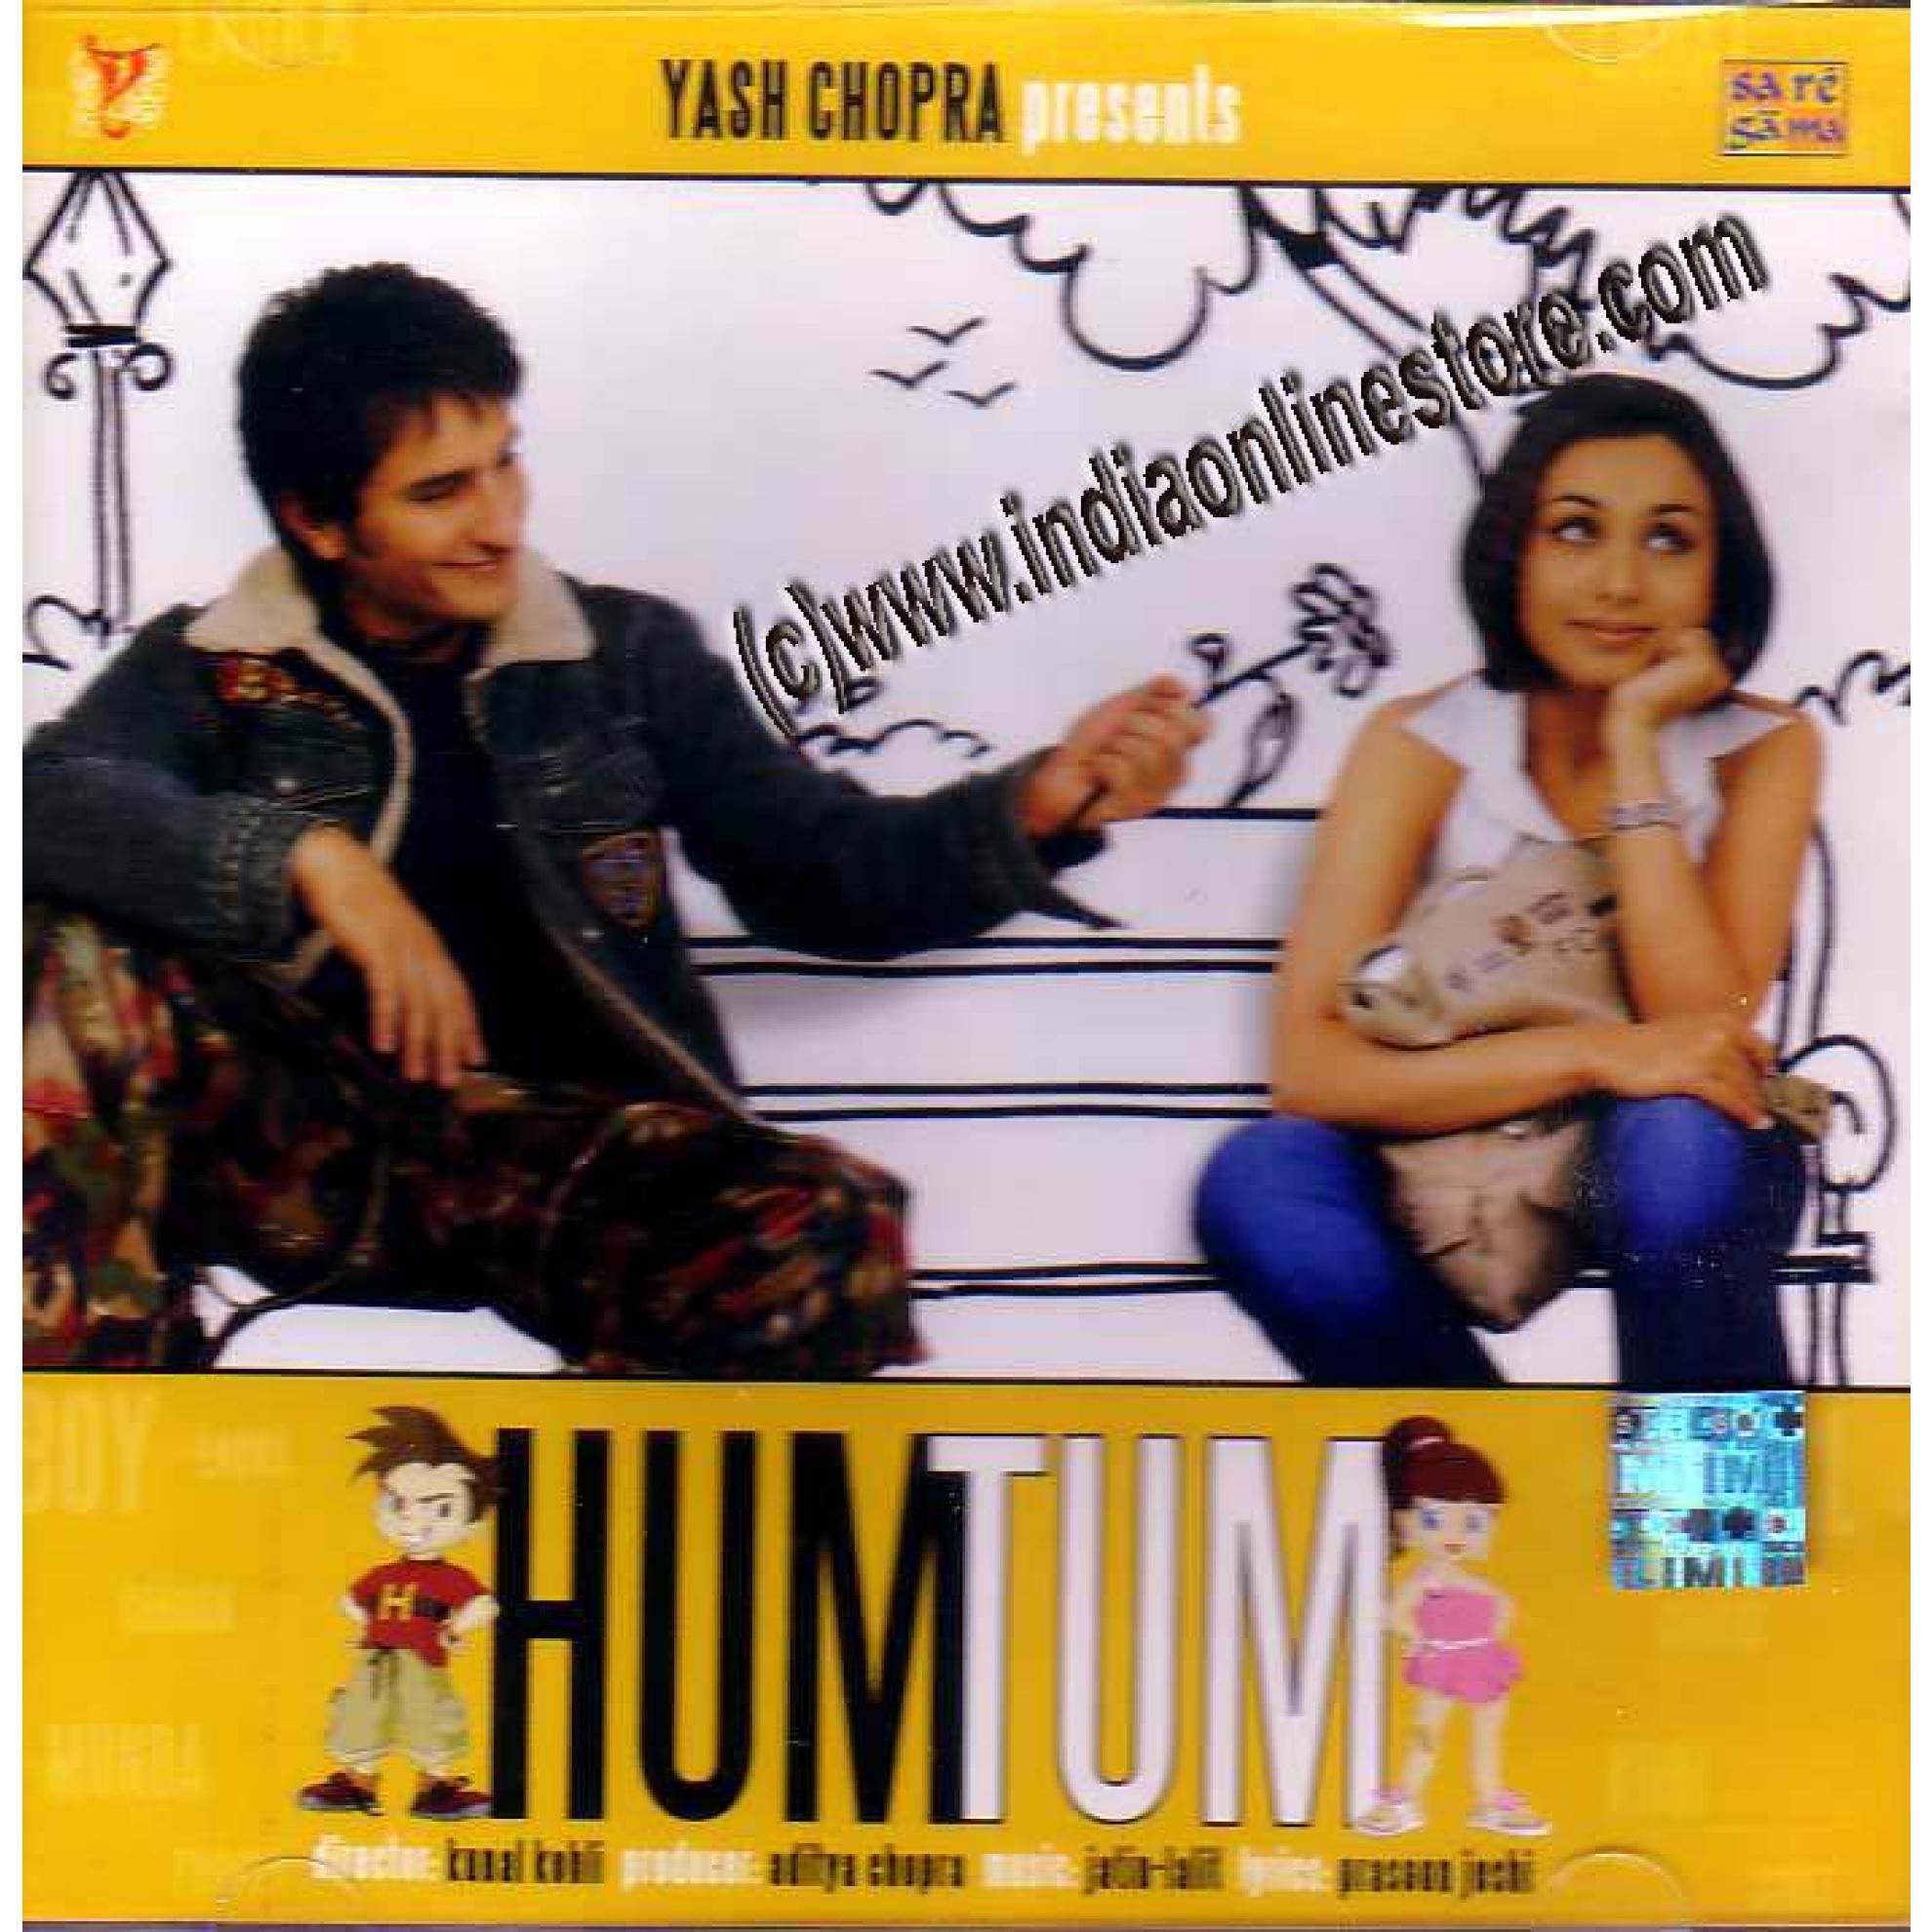 Related Pictures hum tum cartoons debiprasad s voice